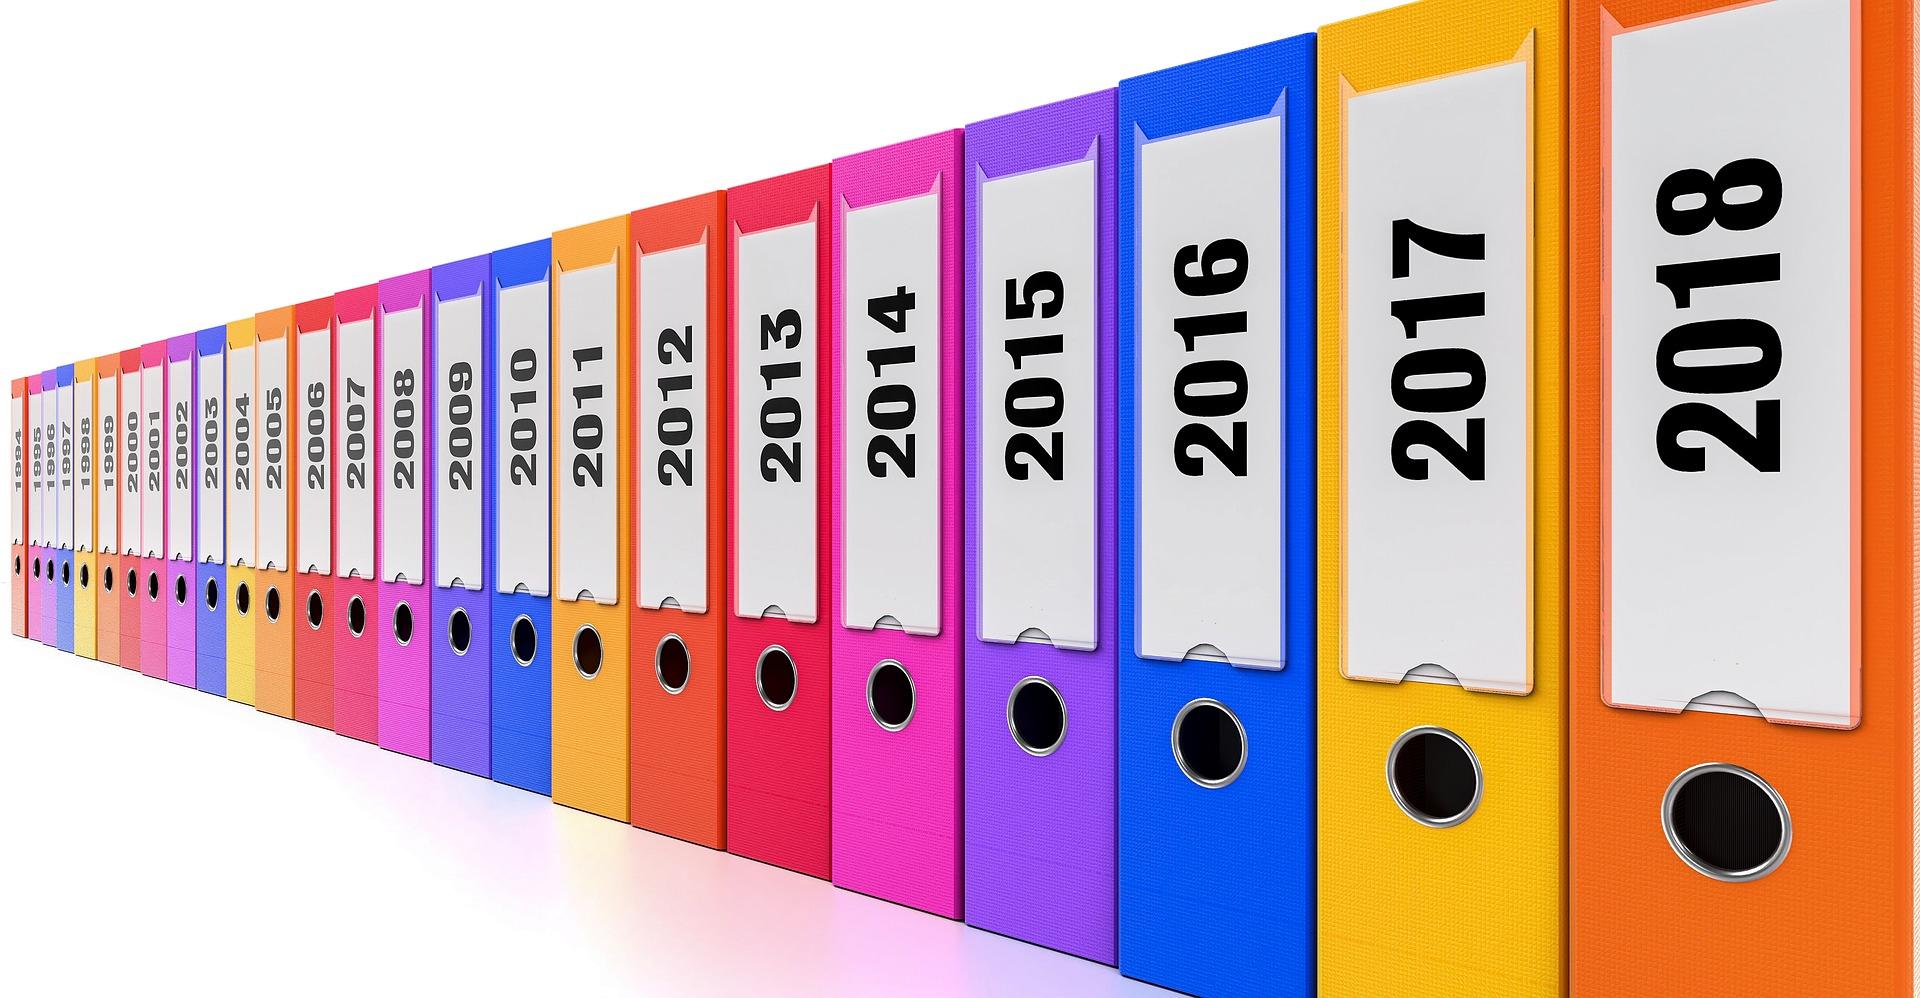 La loi de finances pour 2020, promulguée le 28 décembre 2019, vient de mettre fin au régime d'exception des anciens contrats d'assurance-vie.